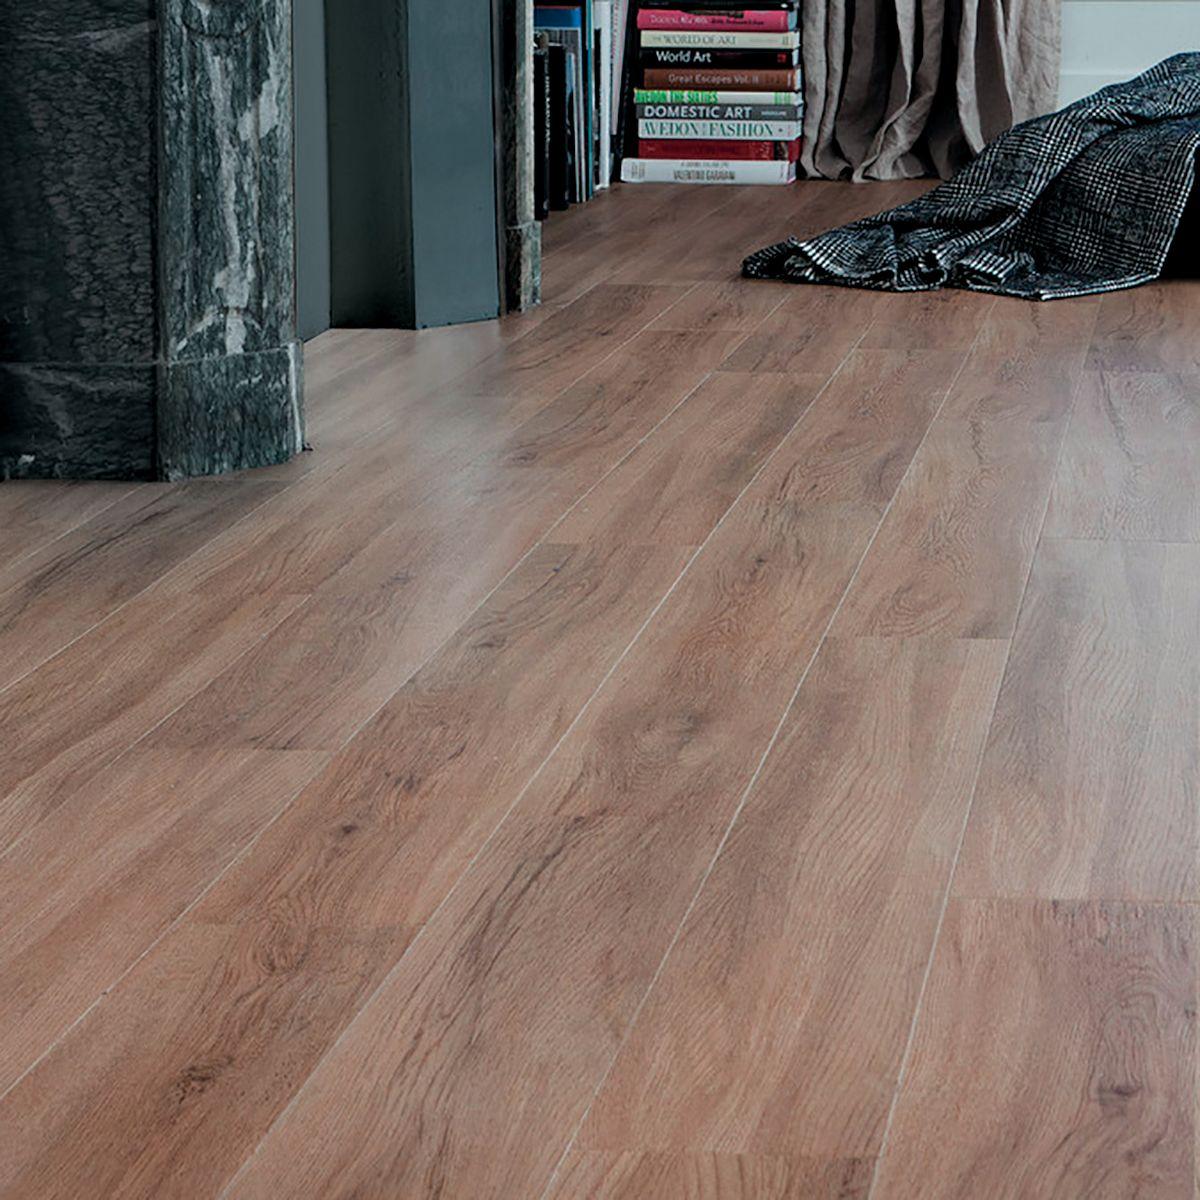 Pavimento vinilico adesivo lord 2 mm prezzi e offerte online for Tralicci leroy merlin